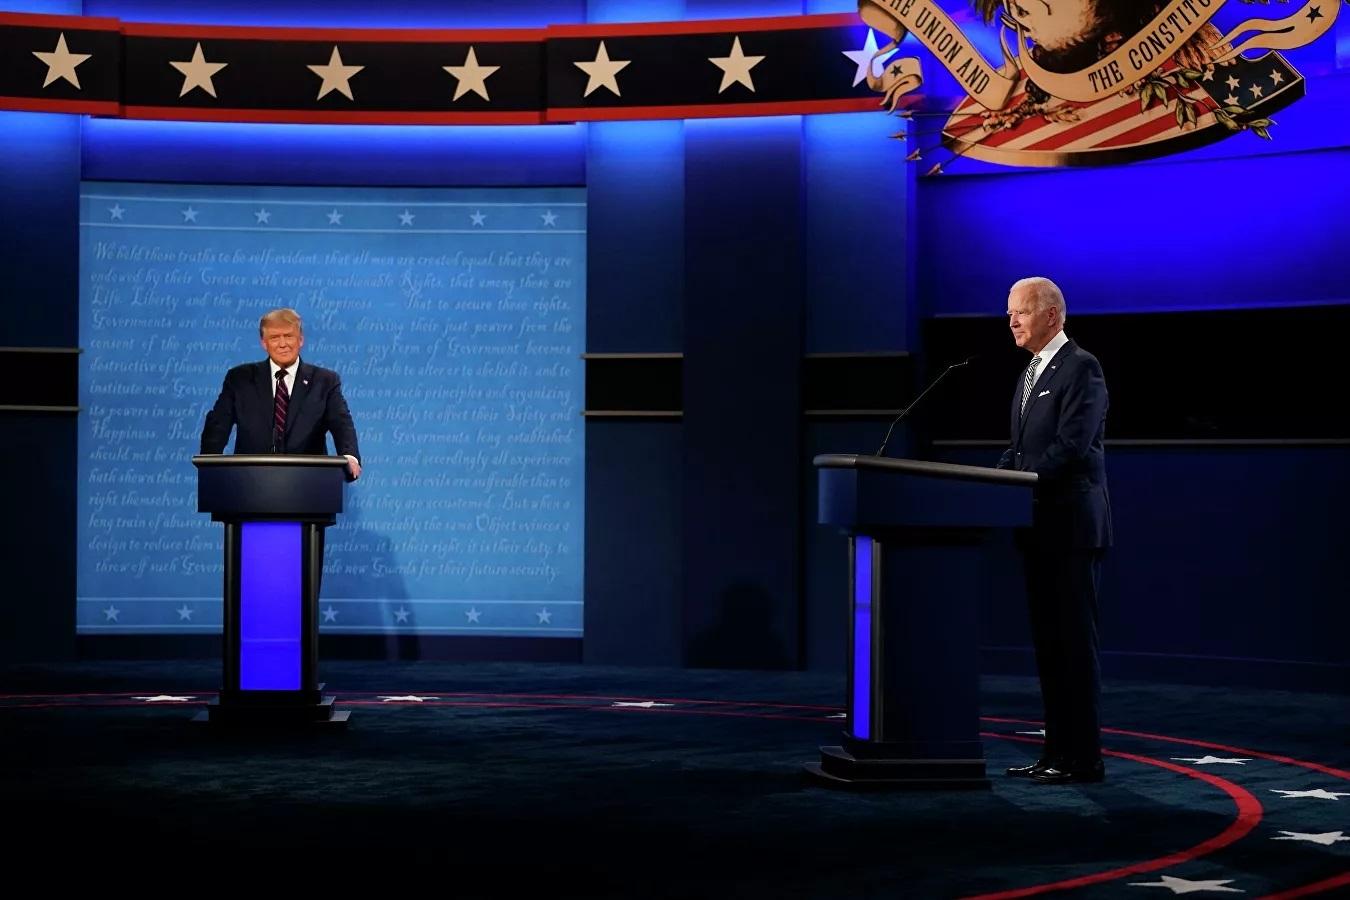 Nhìn lại màn tranh luận đầu tiên 'cực gắt' giữa Trump và Biden